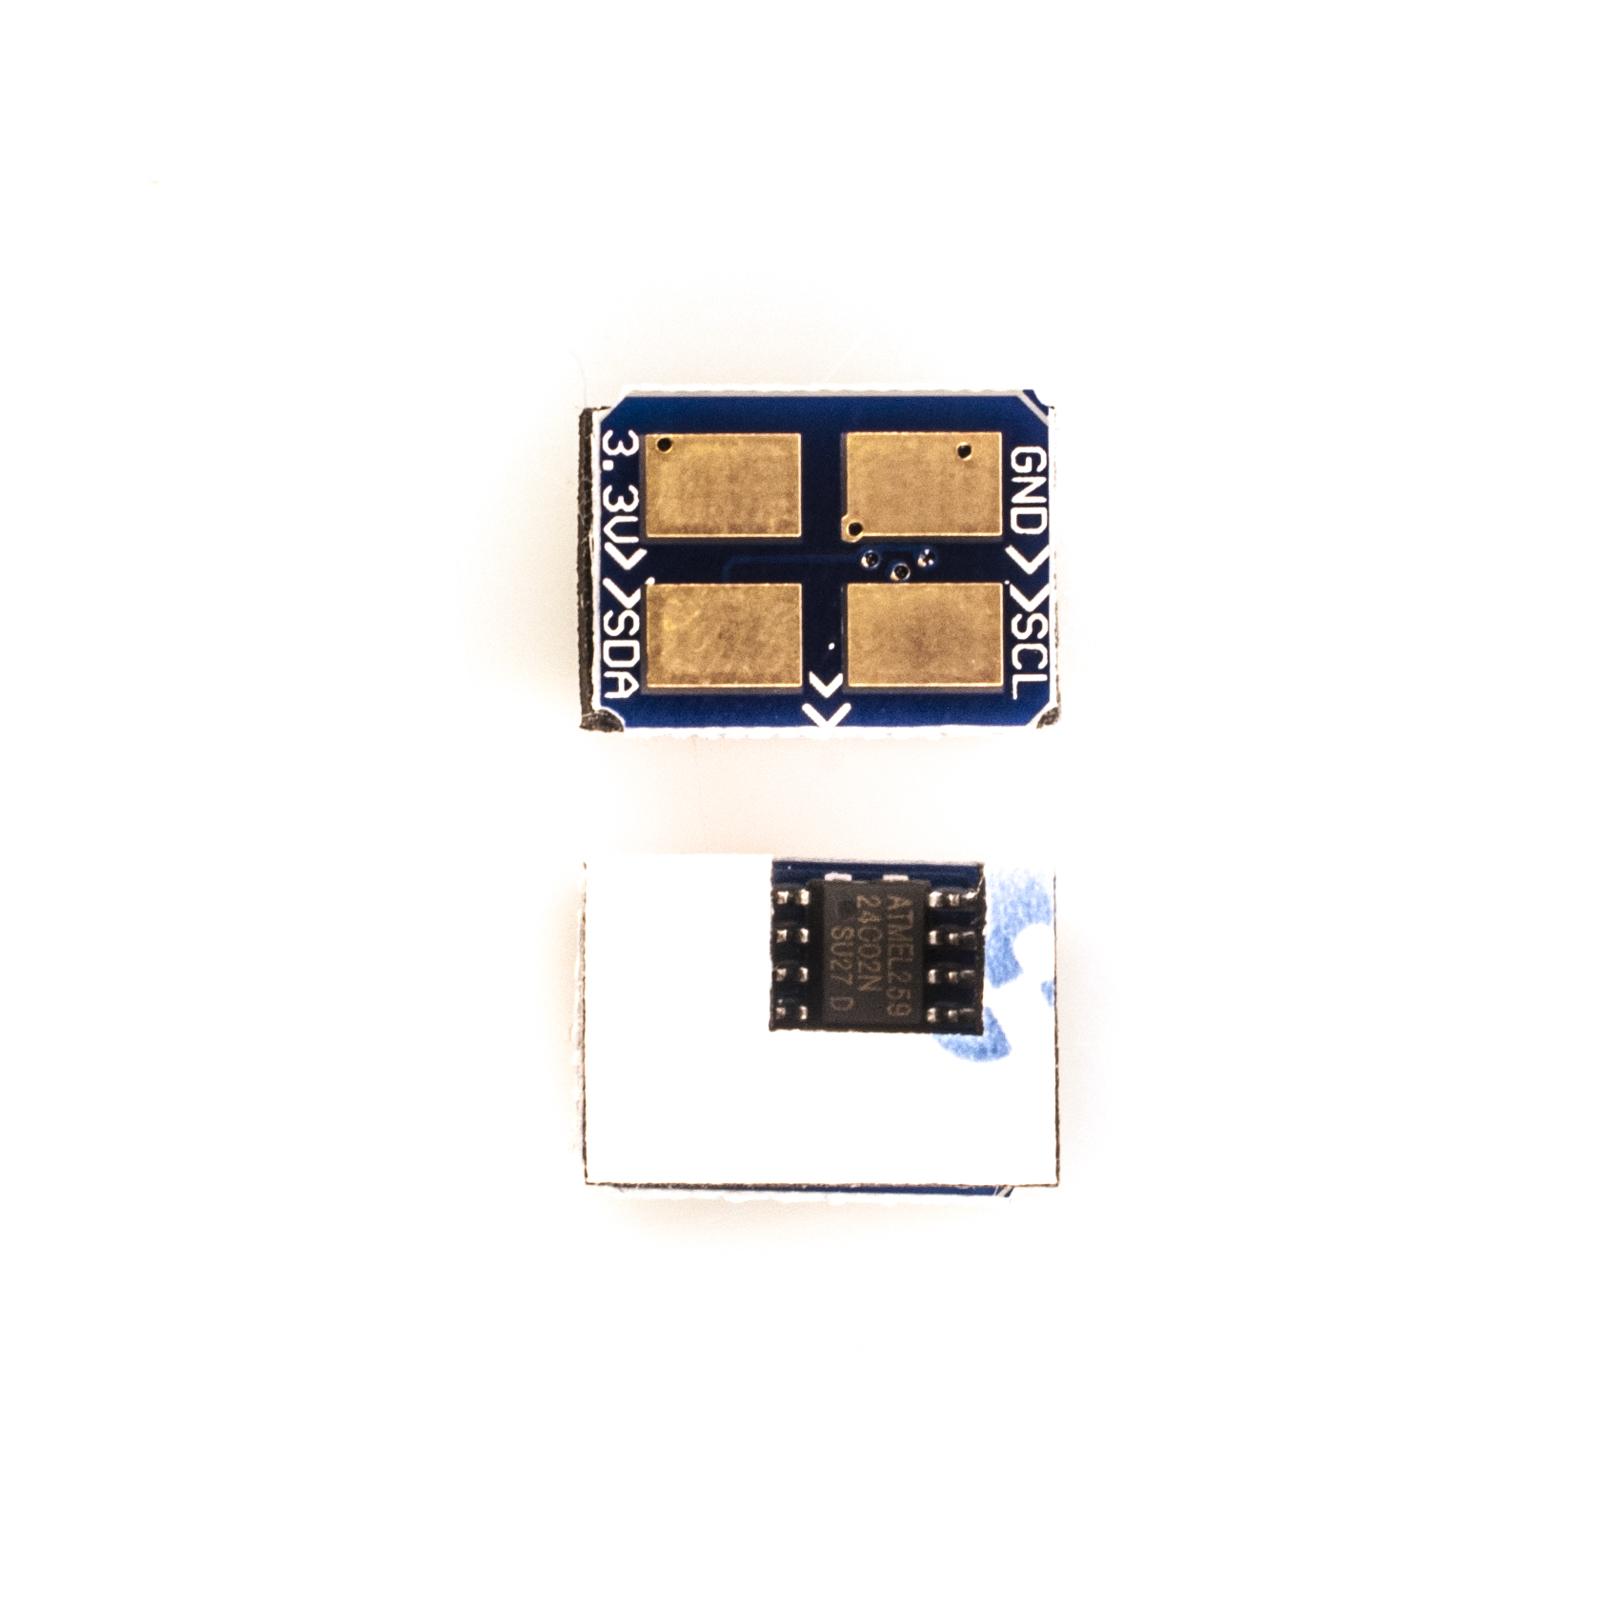 Чип для картриджа SAMSUNG CLP-300 1K CYAN Everprint (ALS-C300-1K)